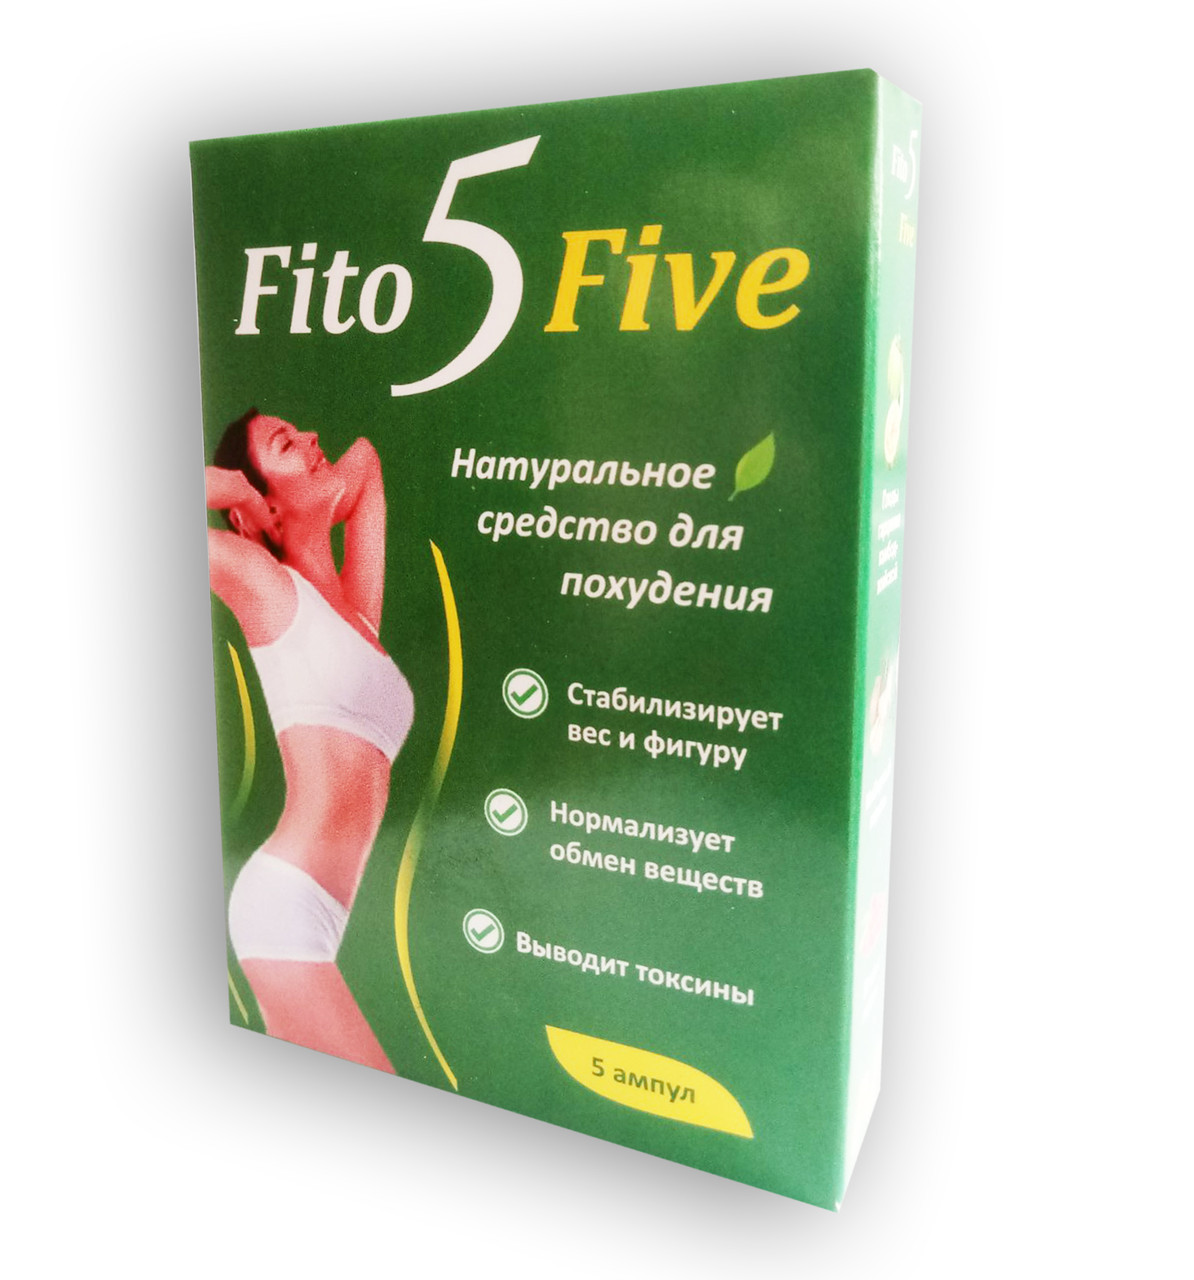 FitoFive (ФитоФайв) засіб для схуднення